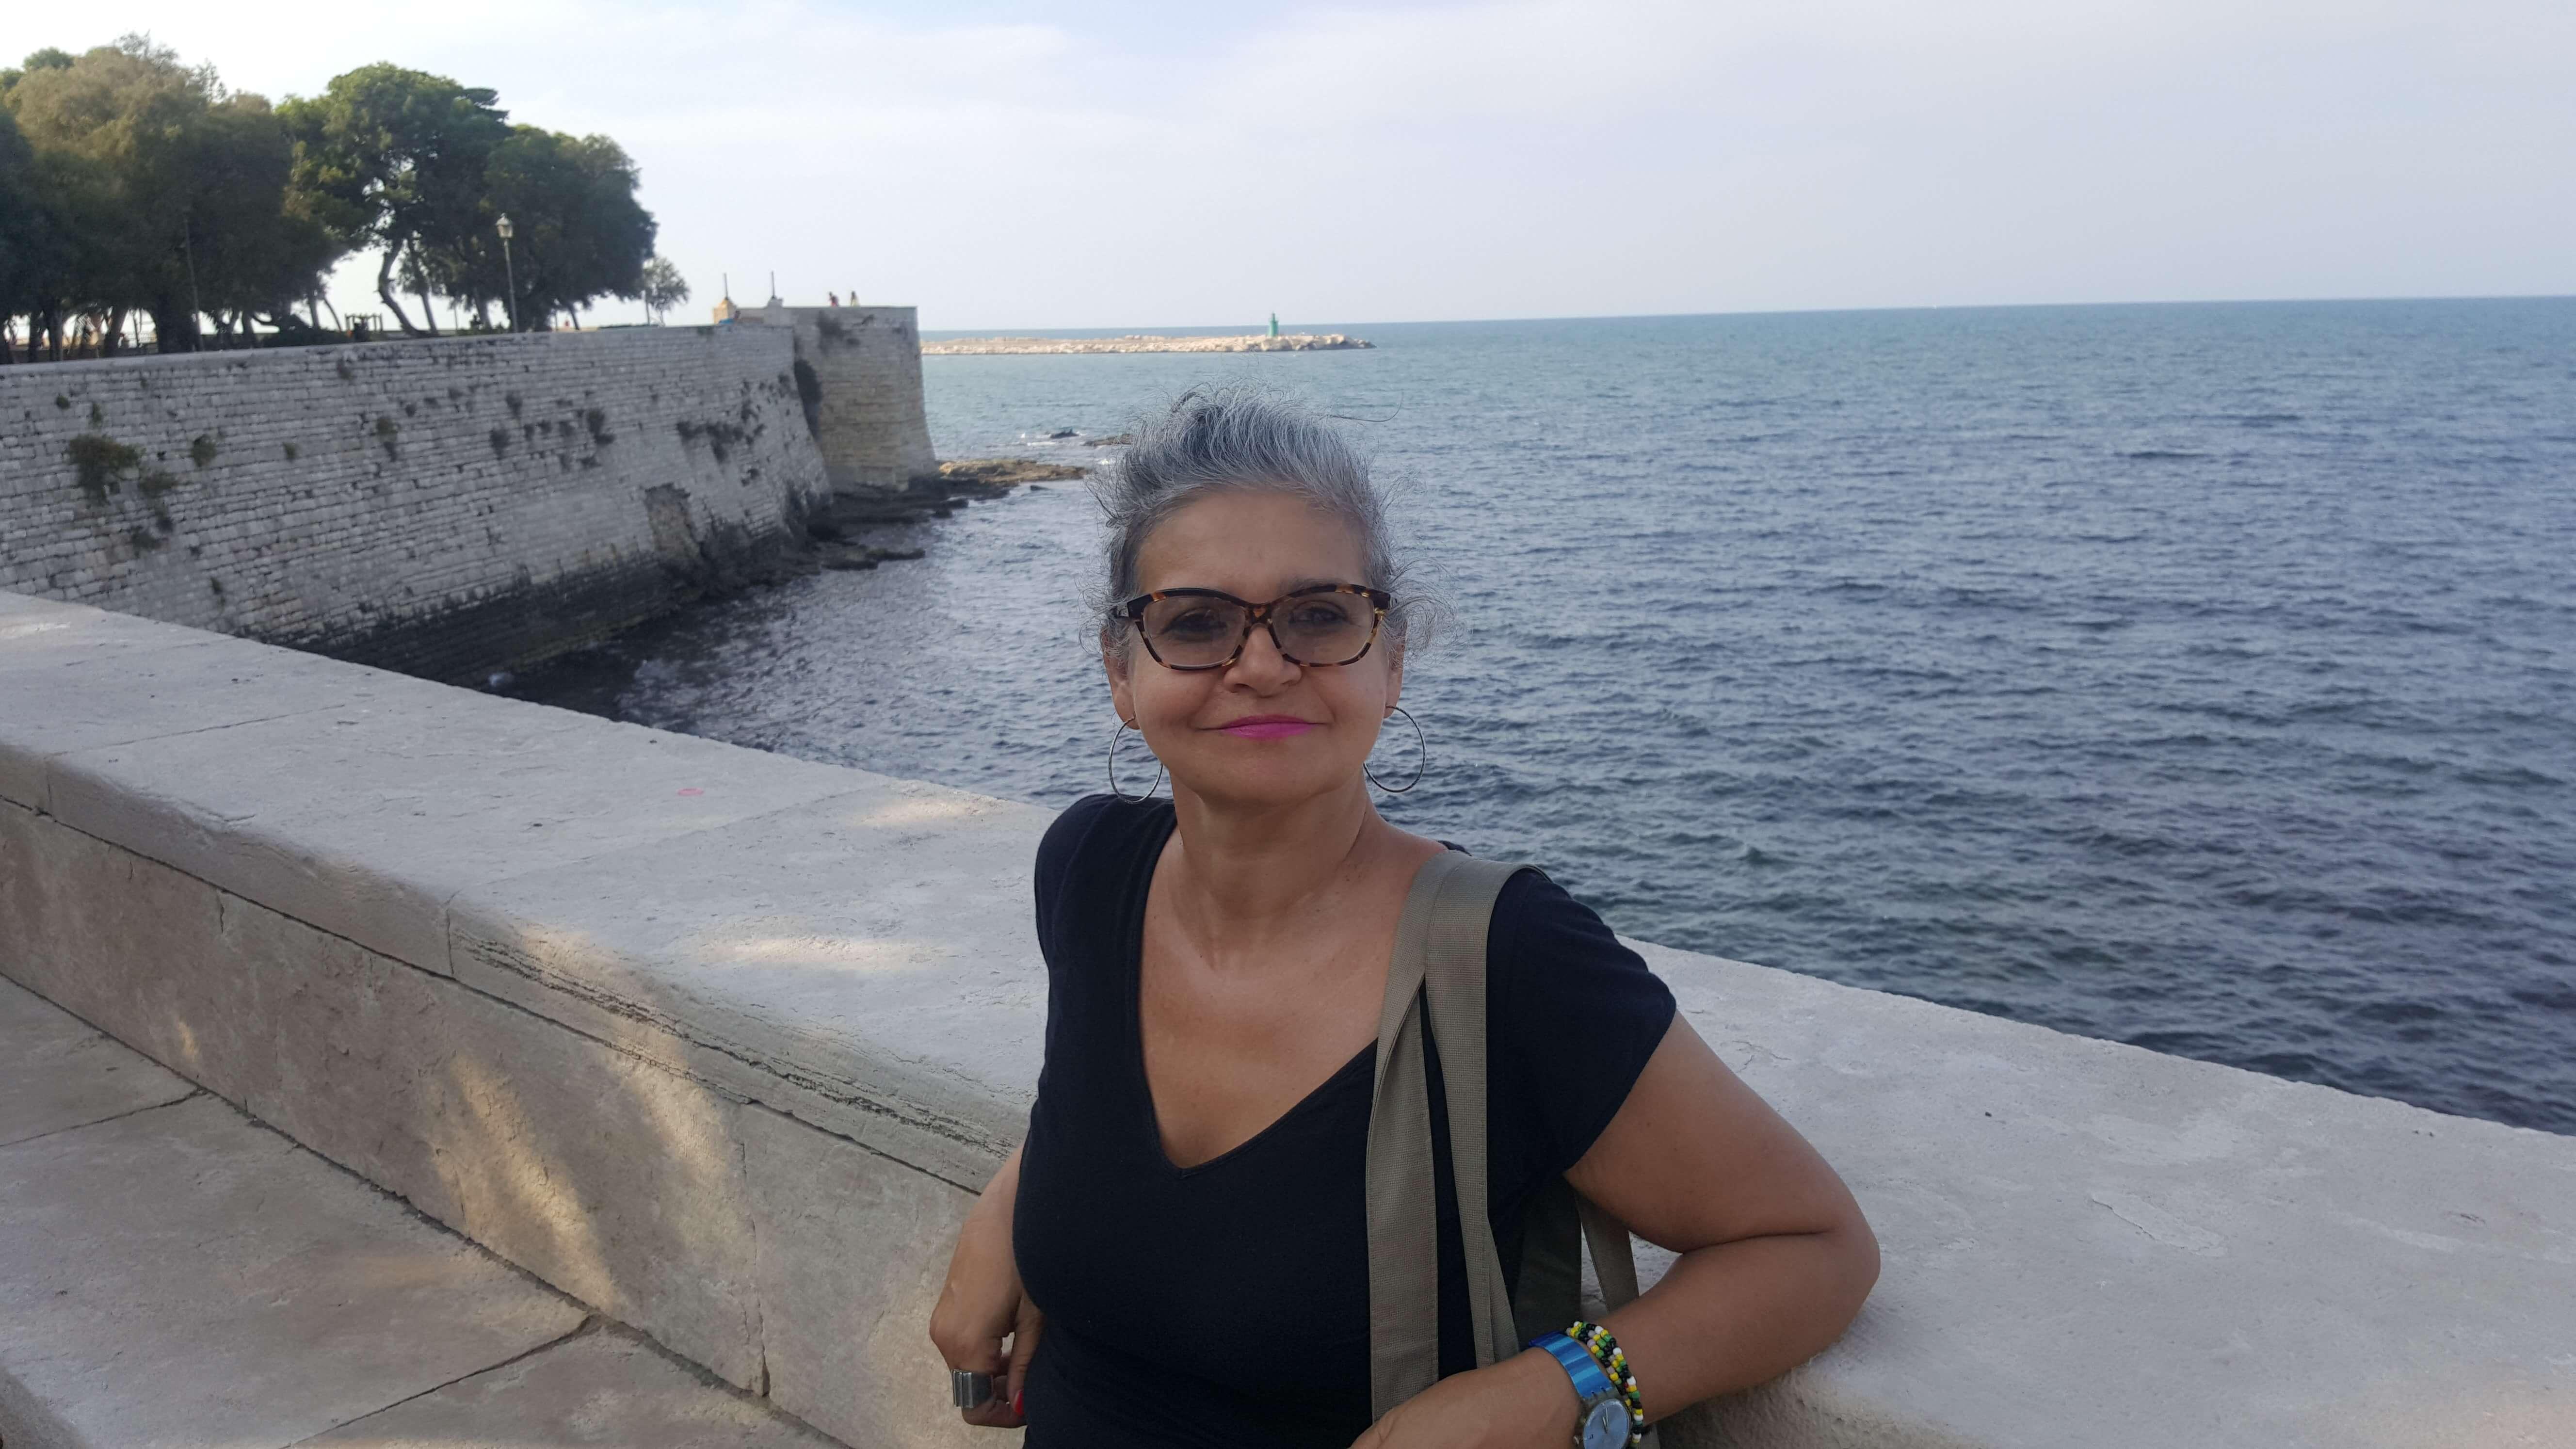 Paola_Mattioli_Puglia2018_02